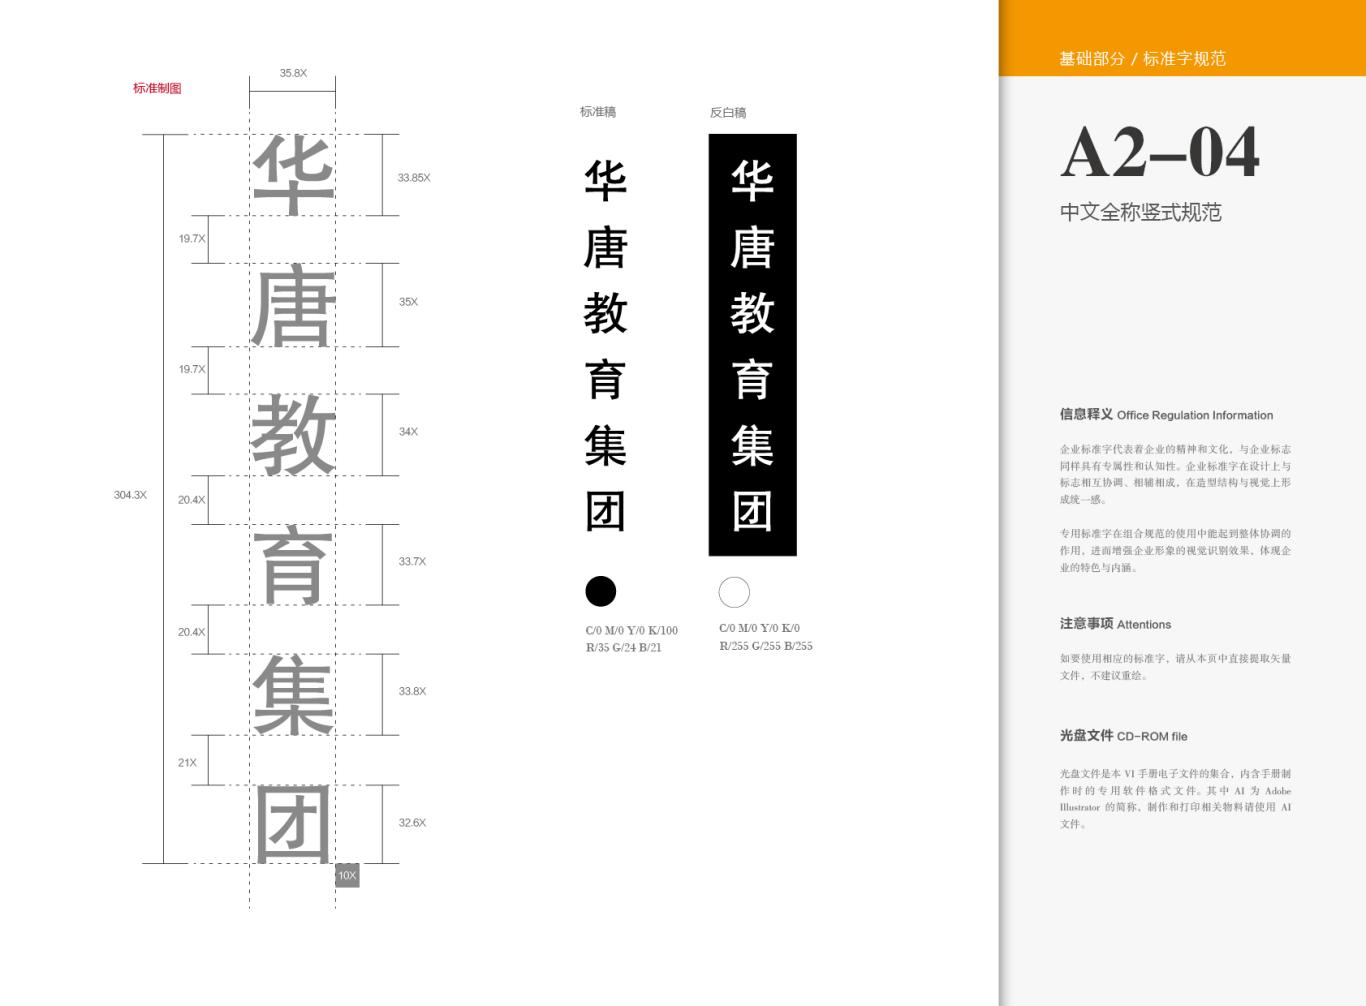 华唐教育集团 VI图11